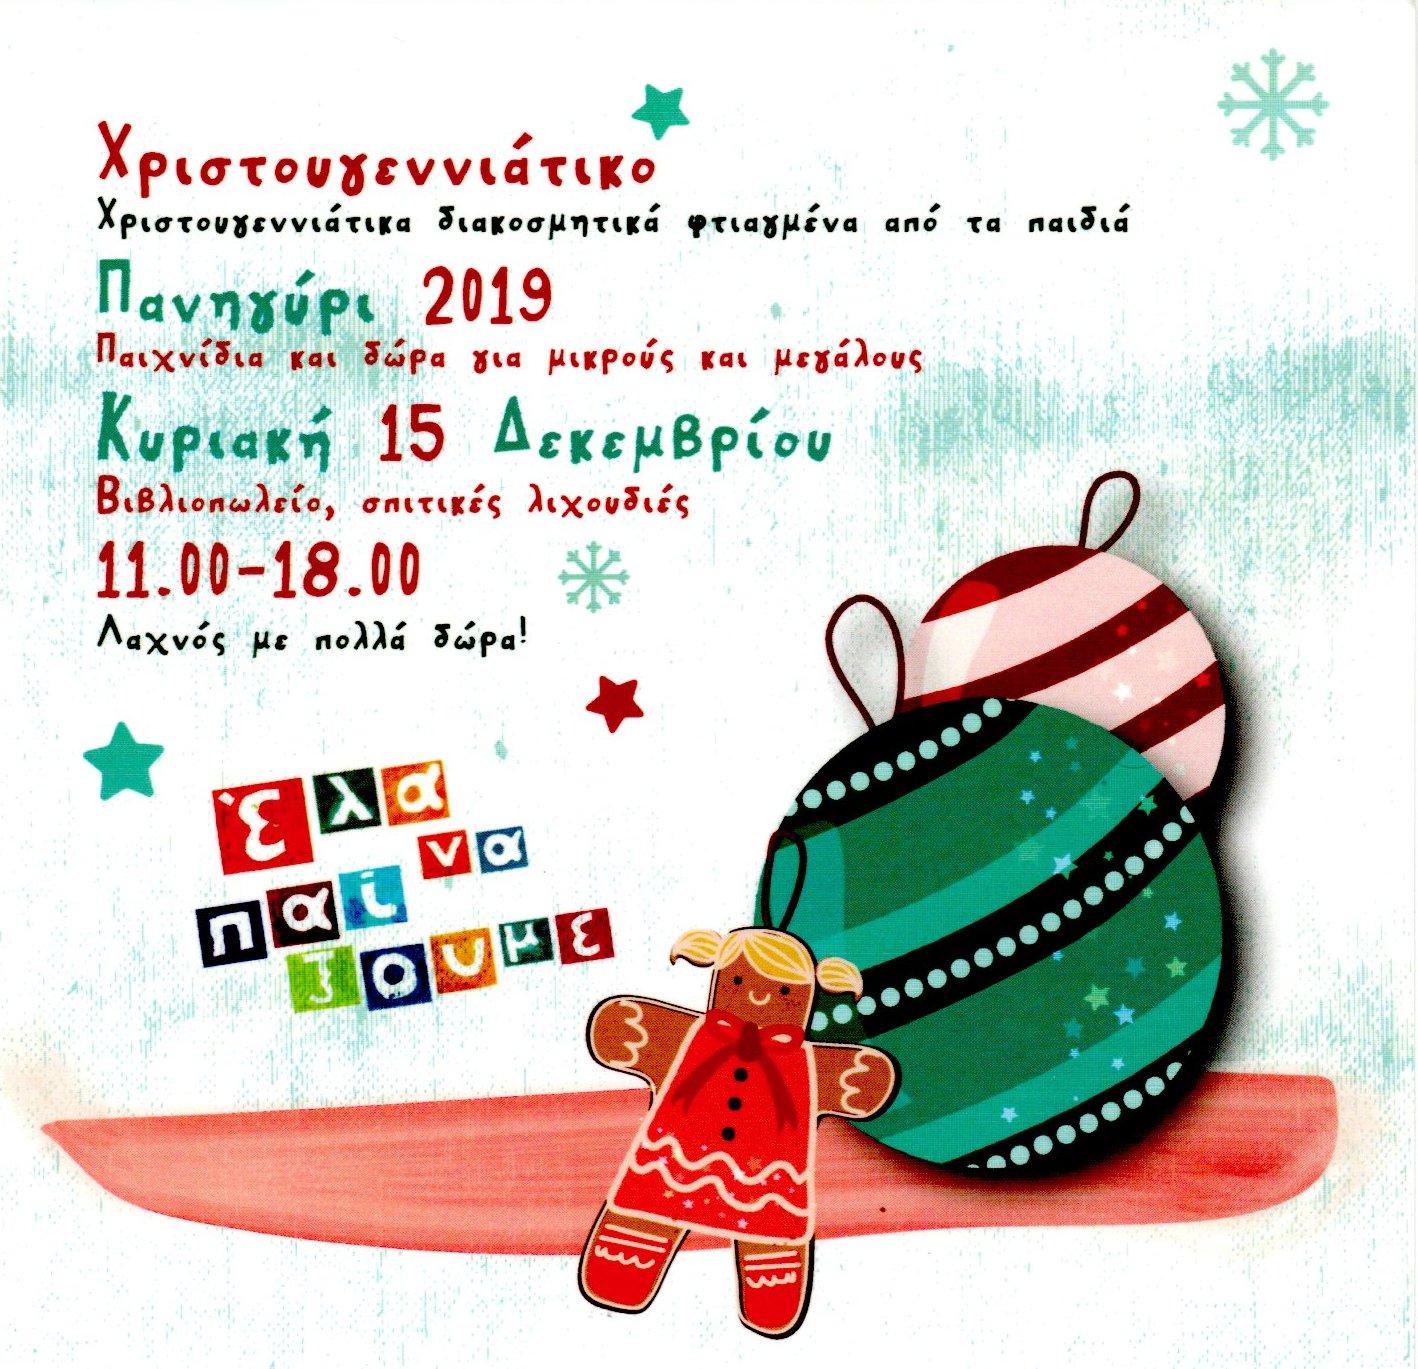 Χριστουγεννιατικο Πανηγυρι 2019